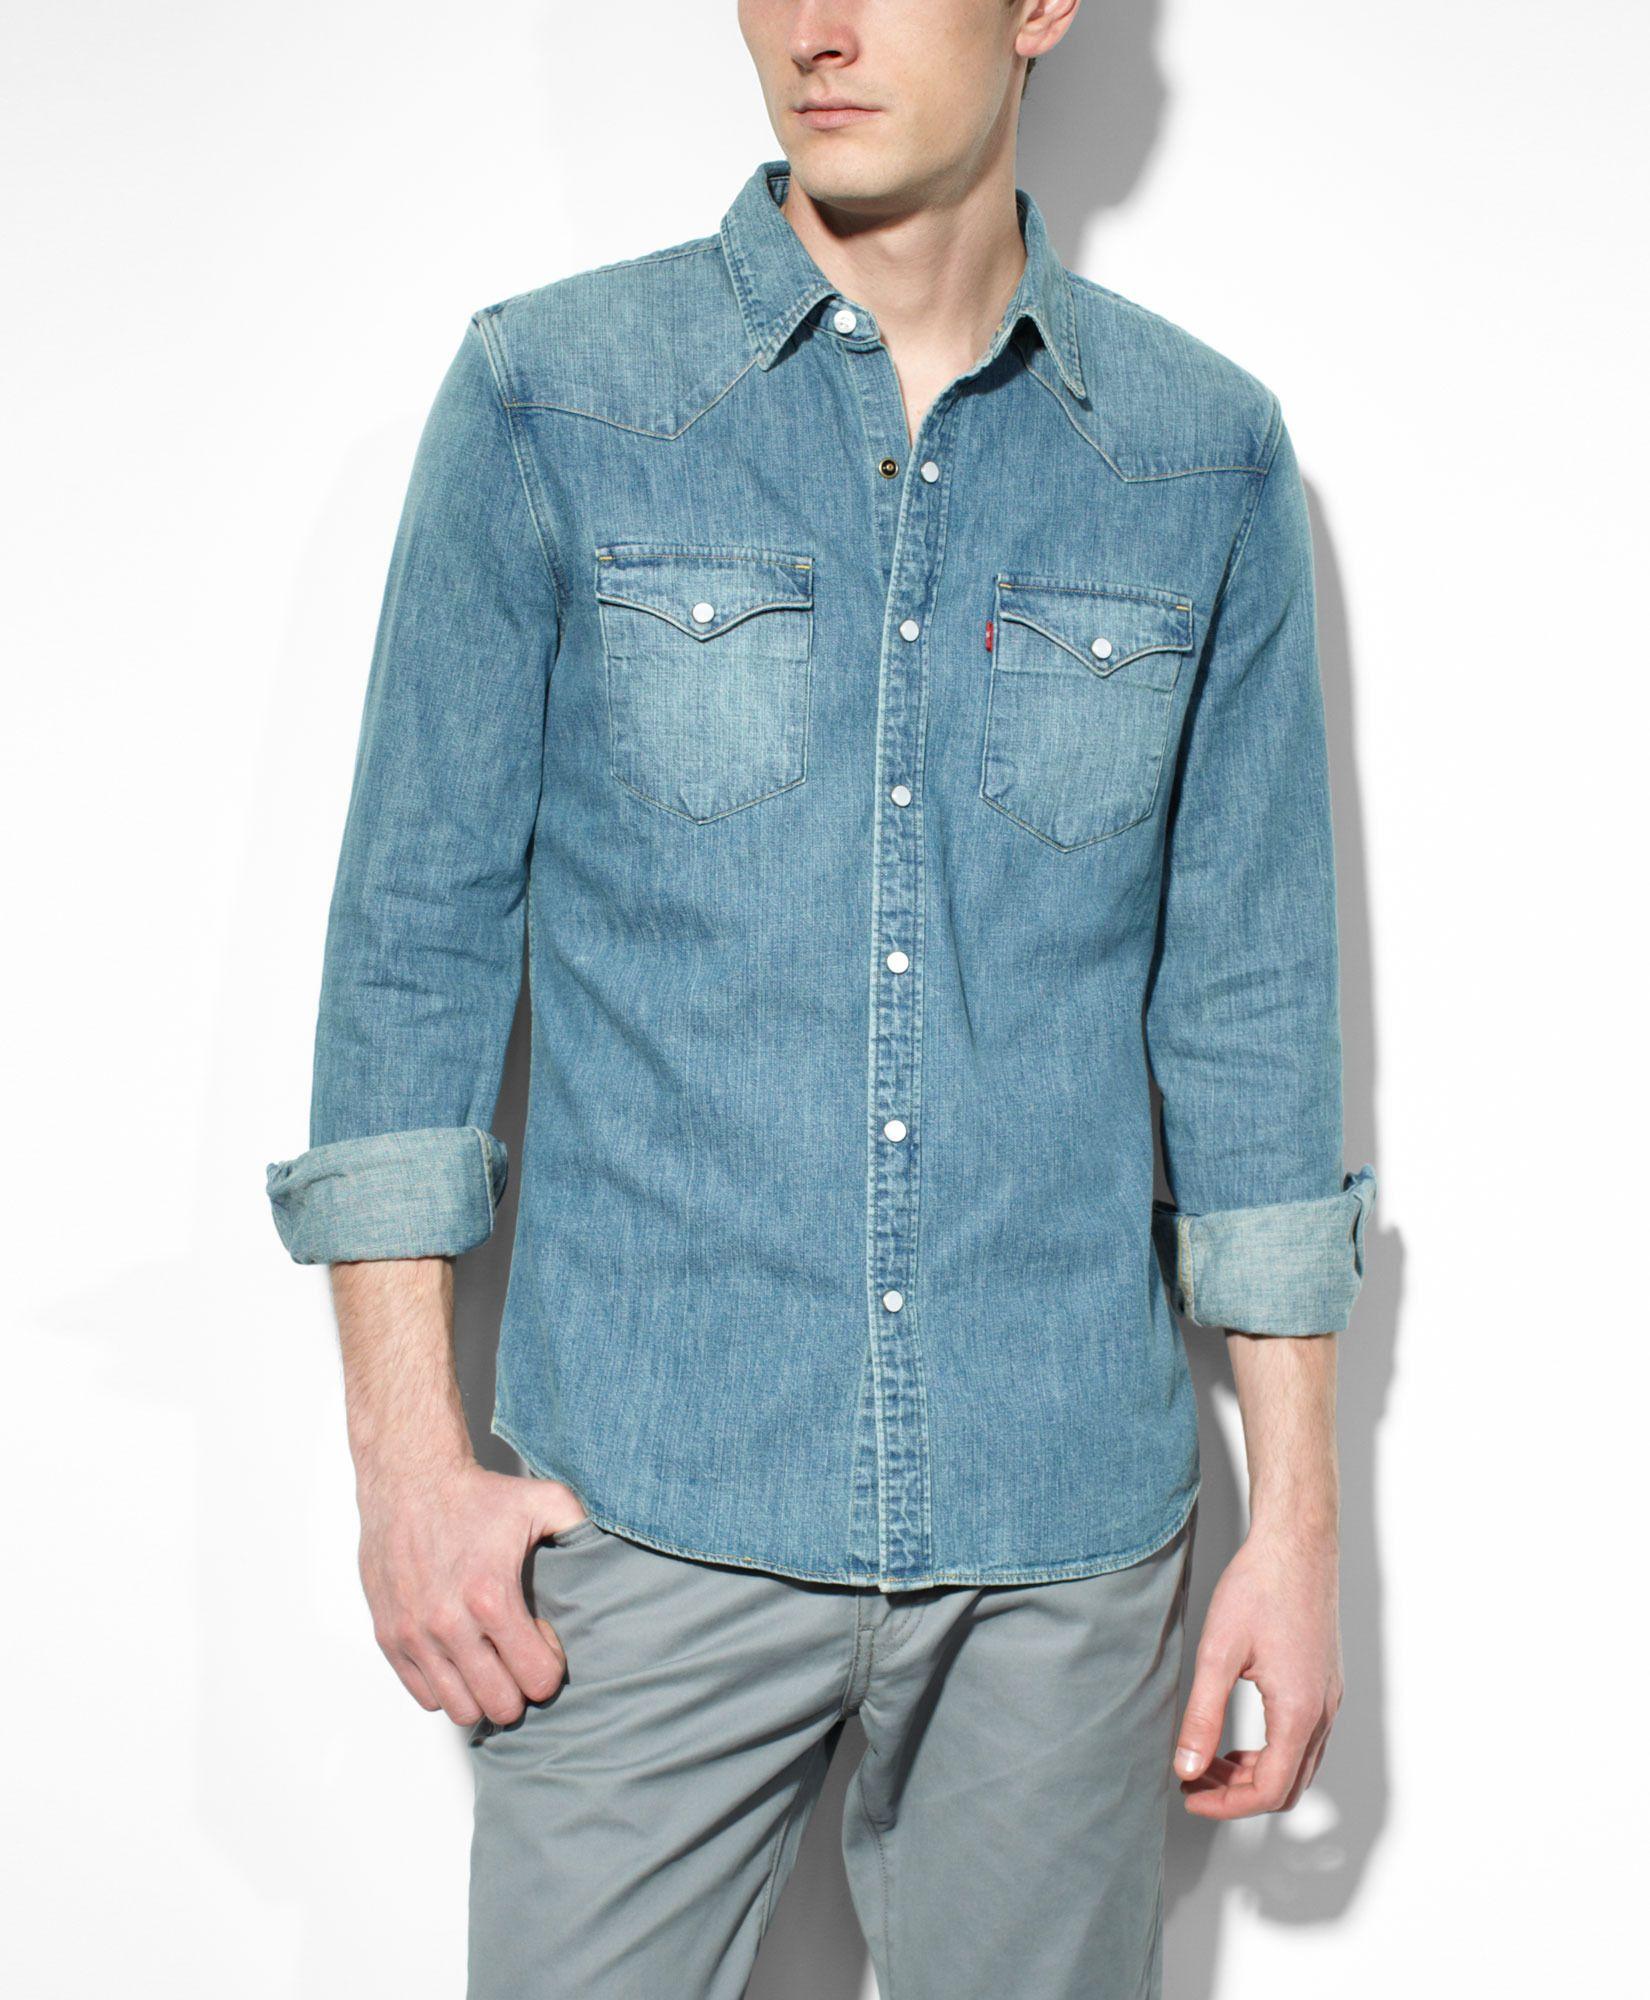 7a3af04b8cb Barstow Western Shirt - Stonewash Denim - Western Shirts  Levis  68 ...